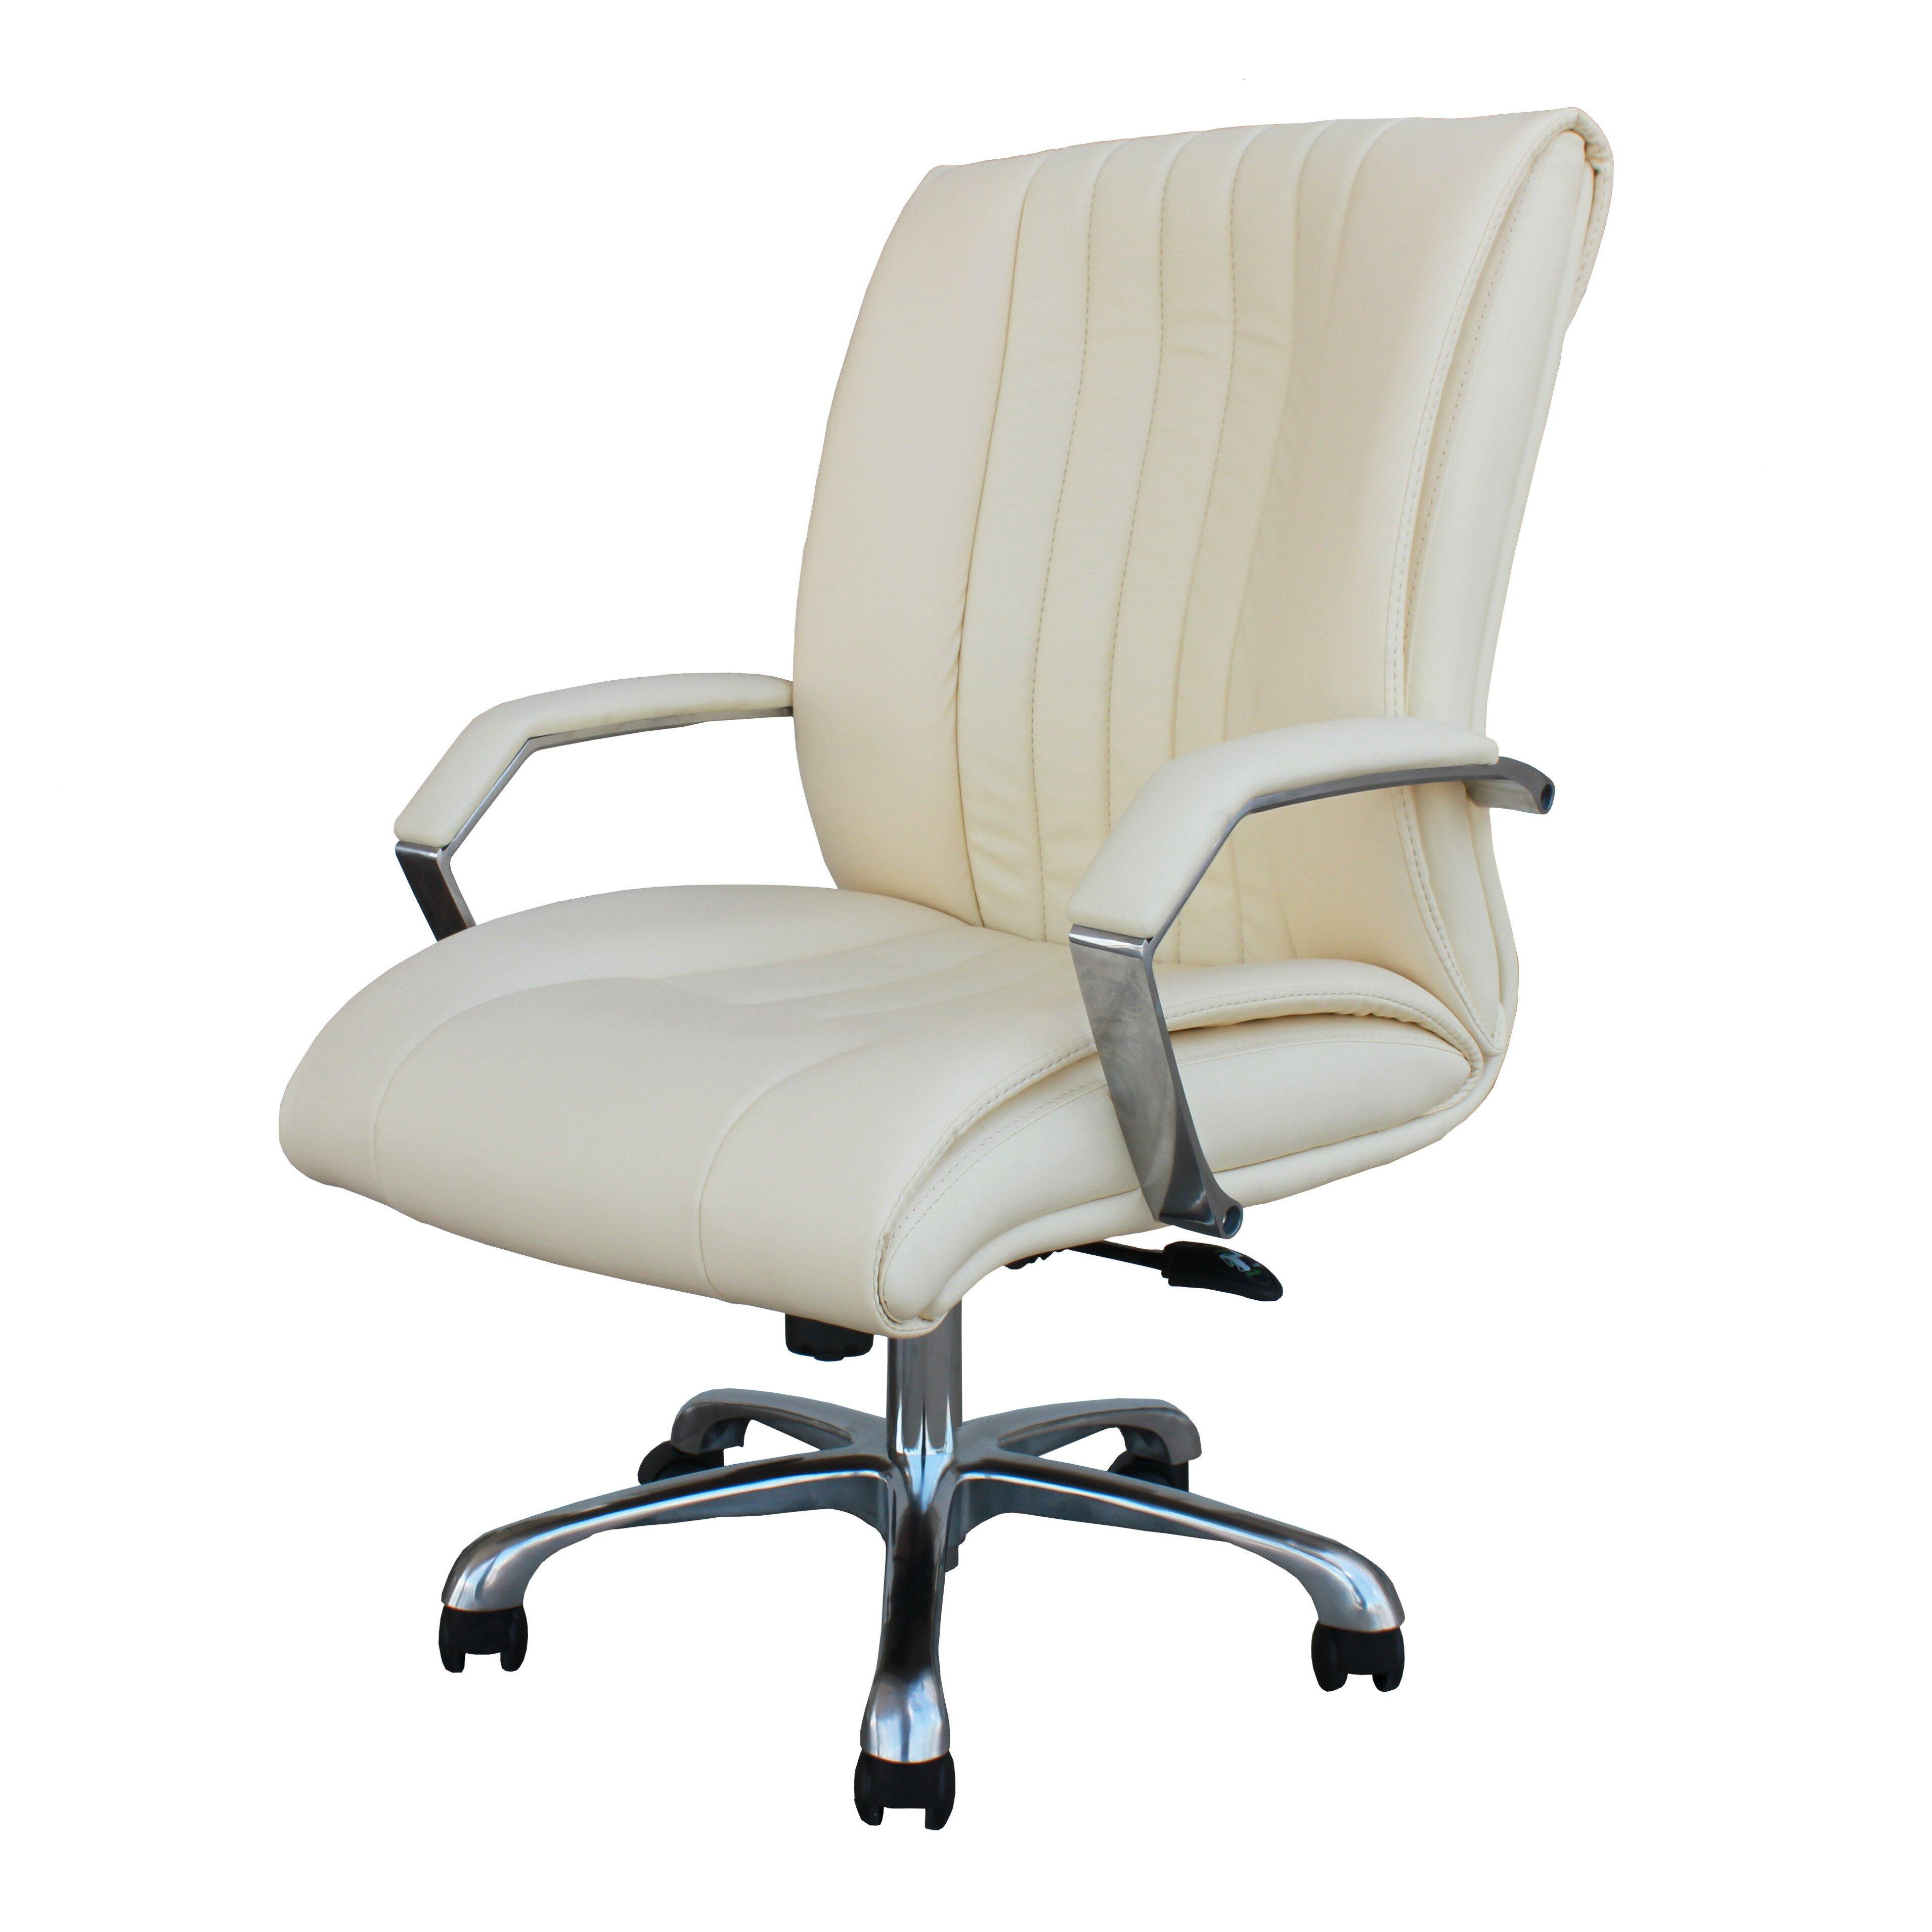 Winport Industries Winport High Back Desk Chair Wayfair